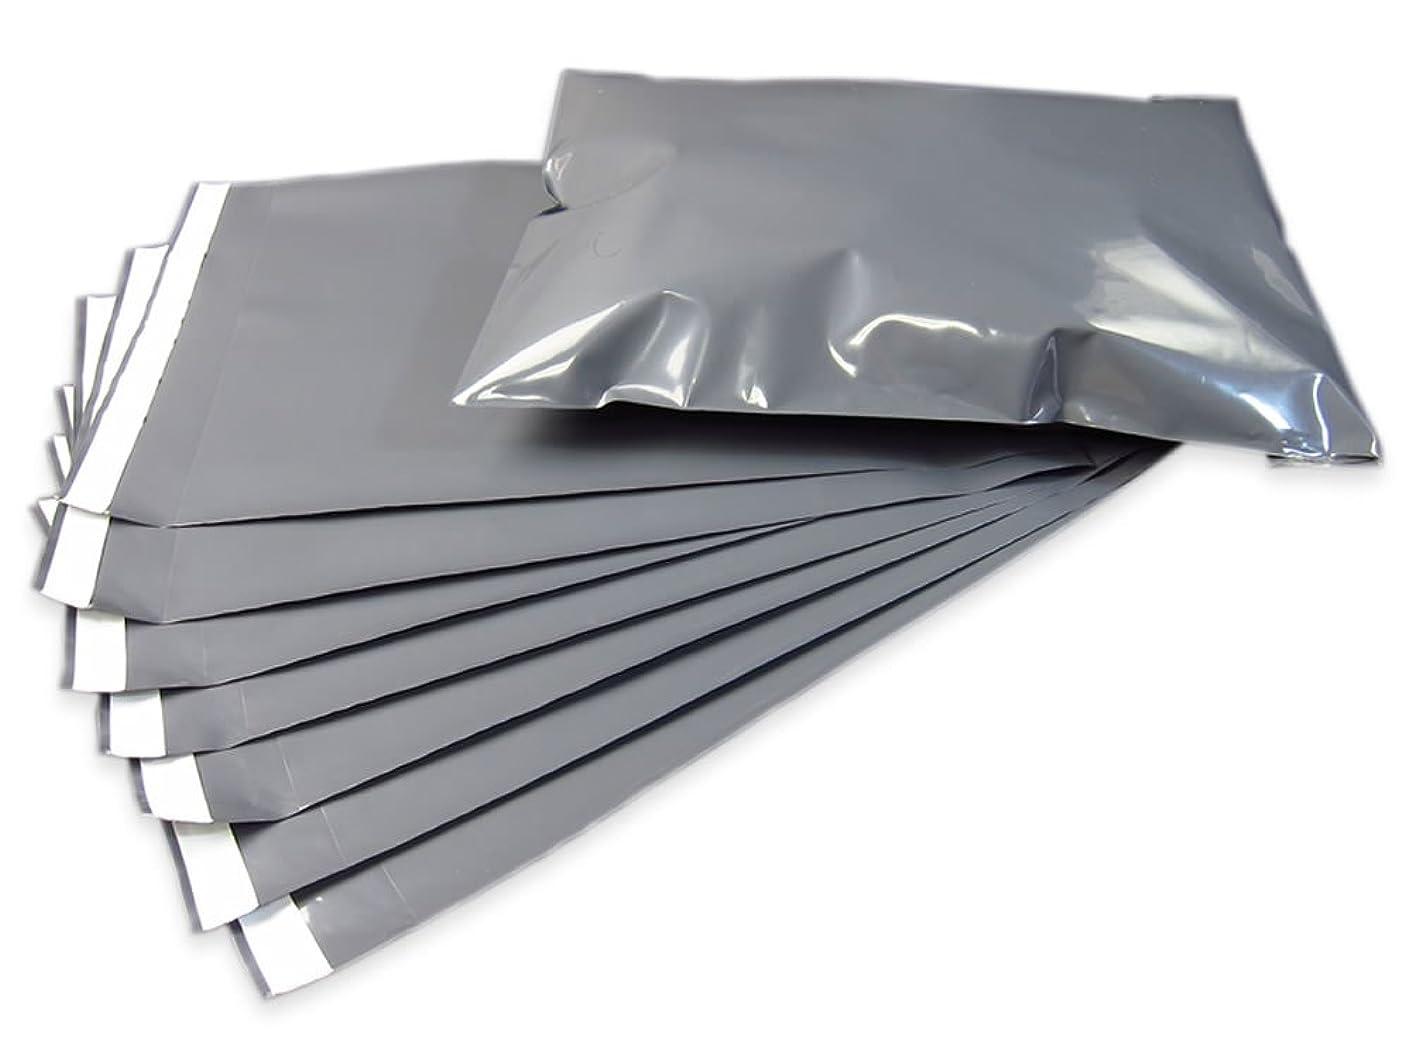 おいしい配るみぞれアリアケ梱包 宅配ビニール袋 宅配袋 巾240×高さ330+フタ40mm A4 色 グレー 厚さ 90ミクロン LD24-33 (100枚セット)